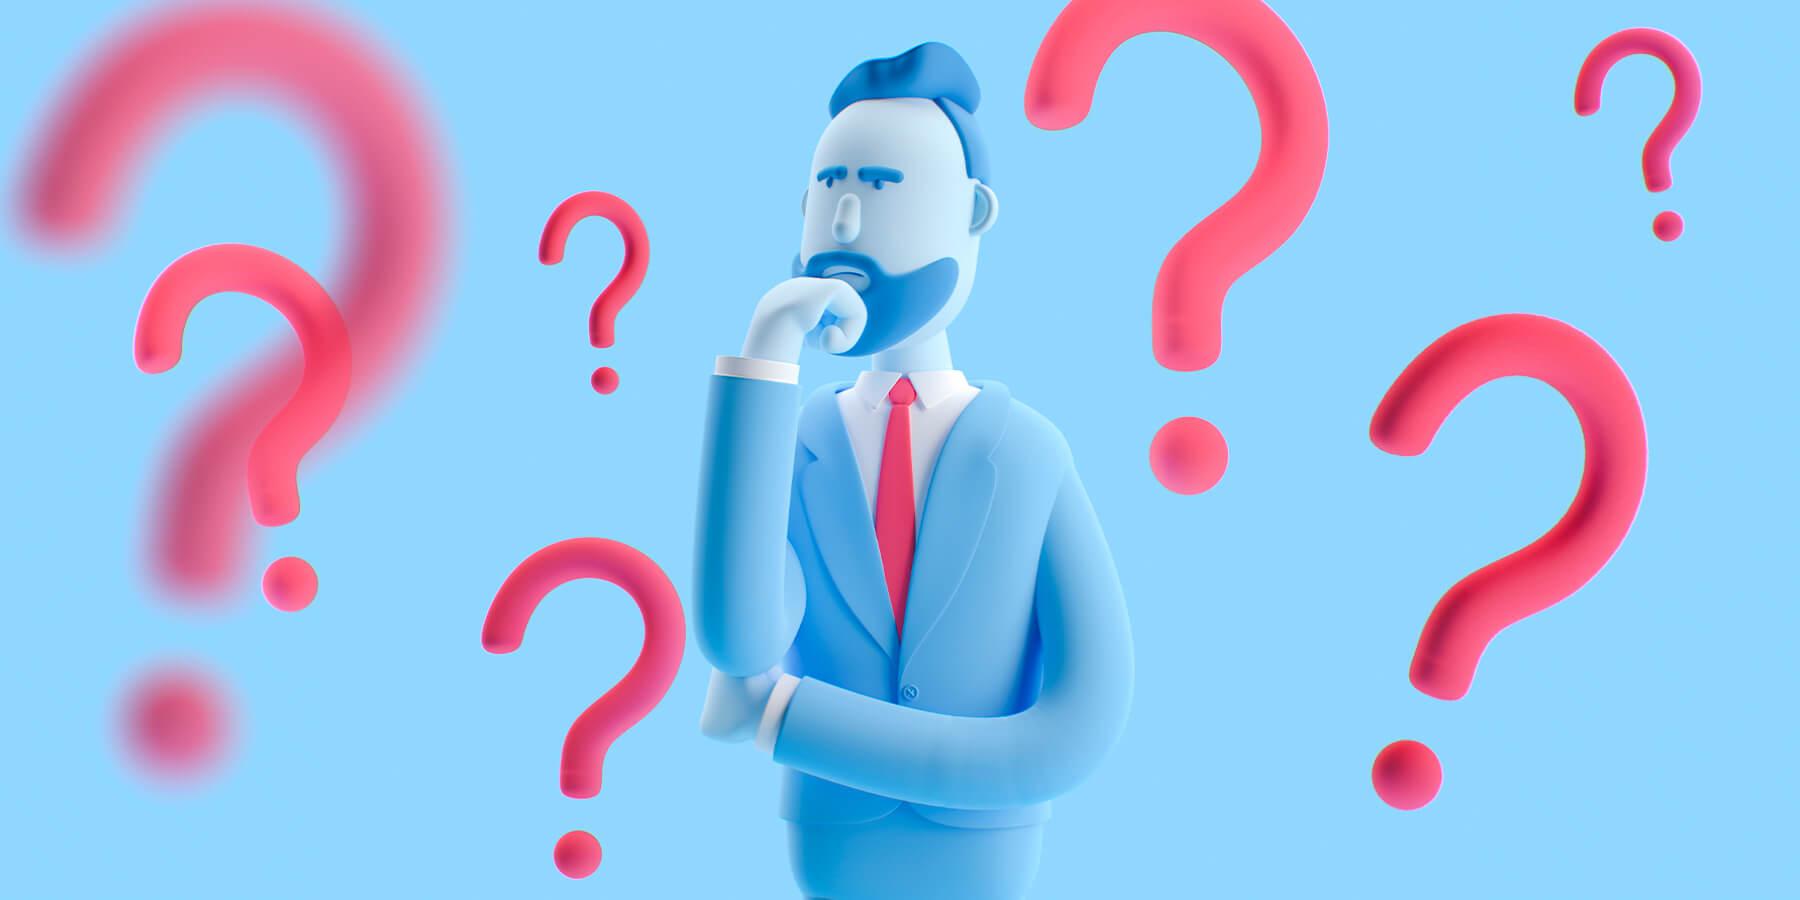 Binomo ACCOUNT के बारे में अक्सर पूछे जाने वाले प्रश्न